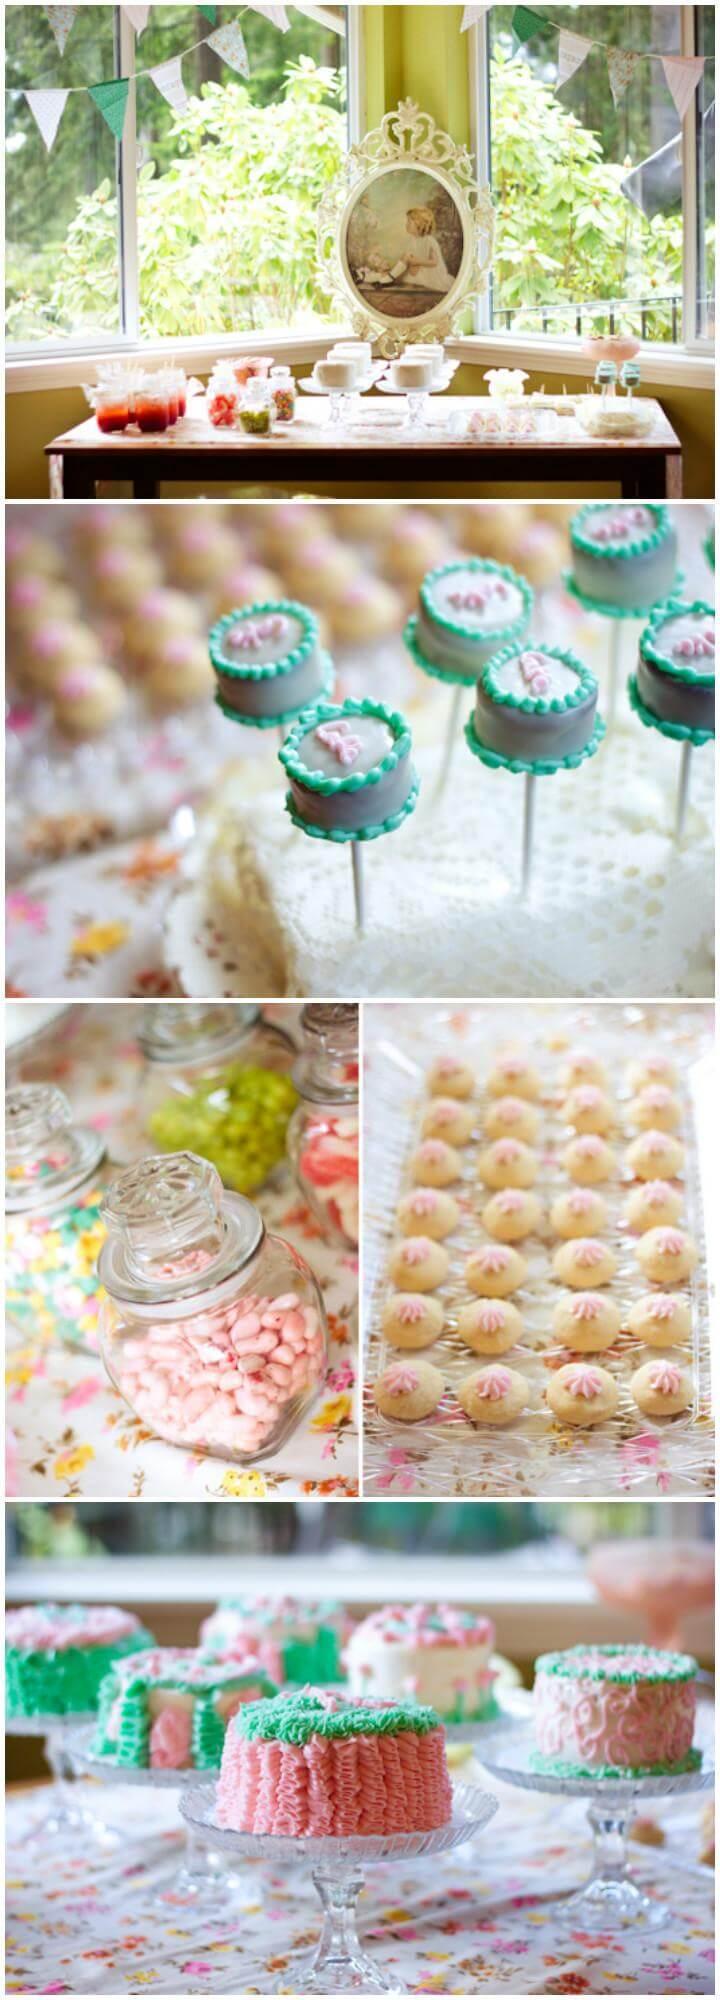 Idea de fiesta de cumpleaños adolescente para decoración de pasteles de bricolaje